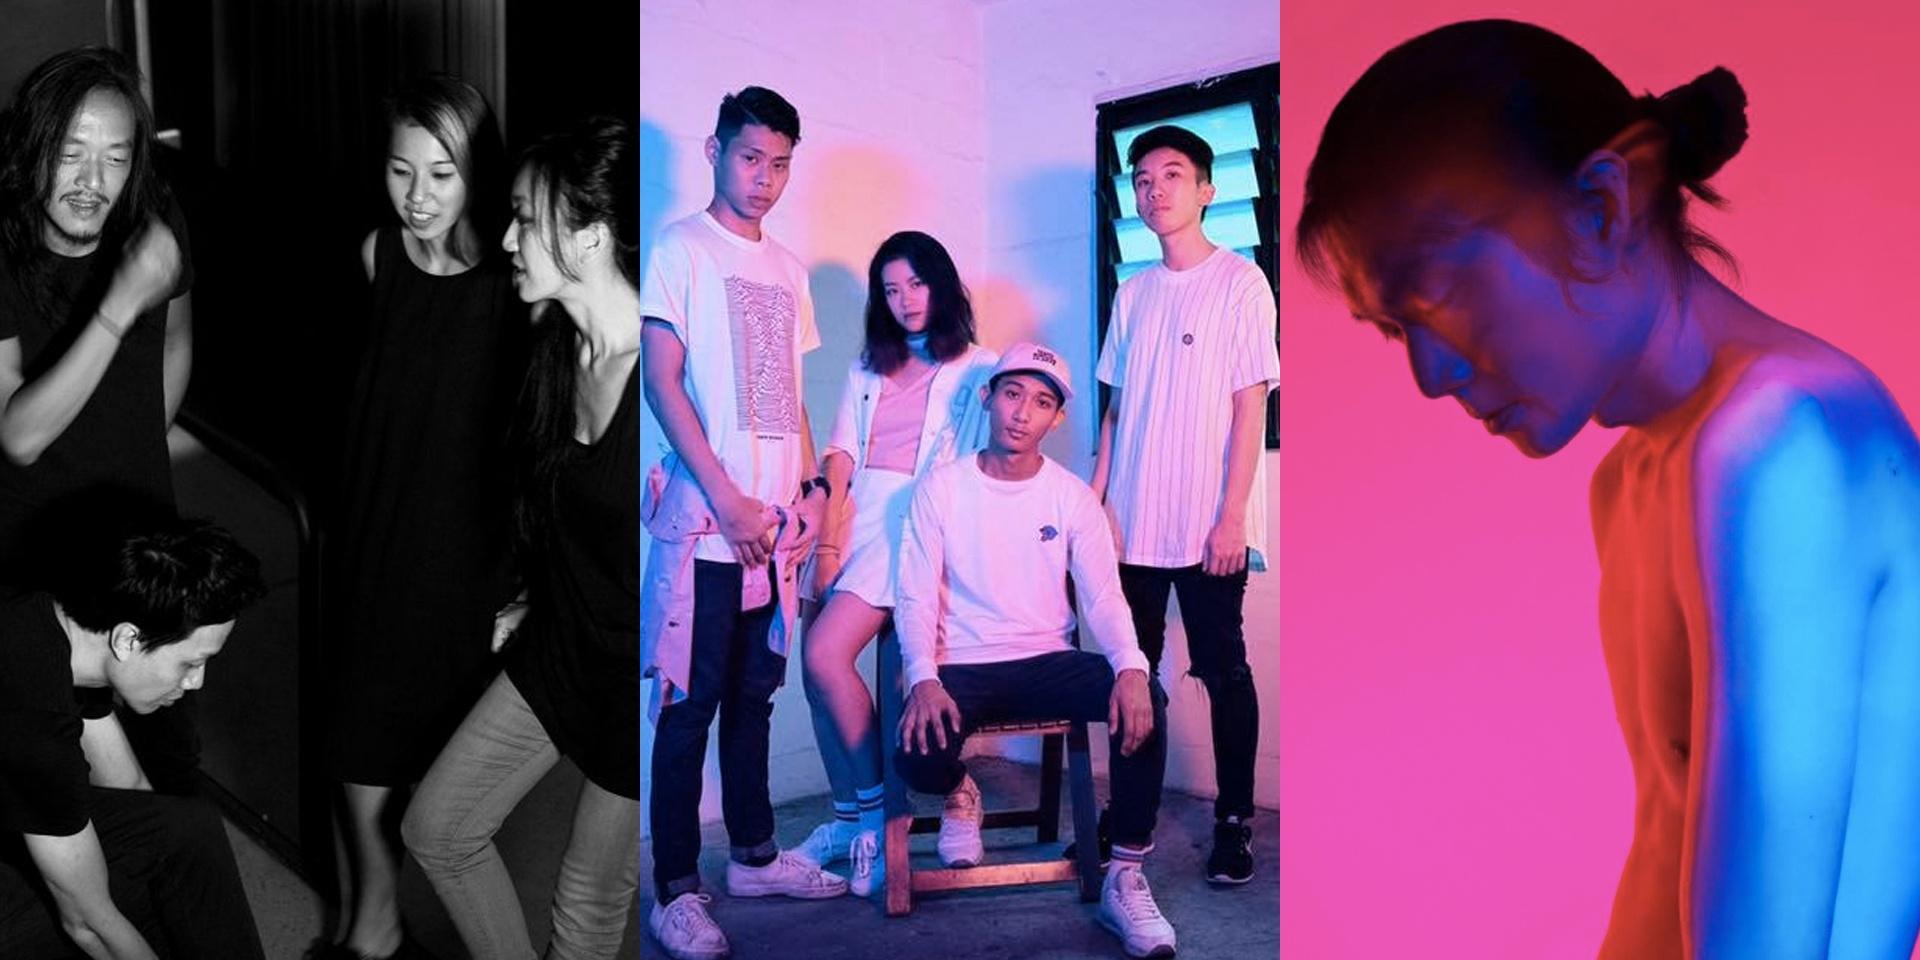 Bandwagon's favourite Singaporean albums of 2016 so far